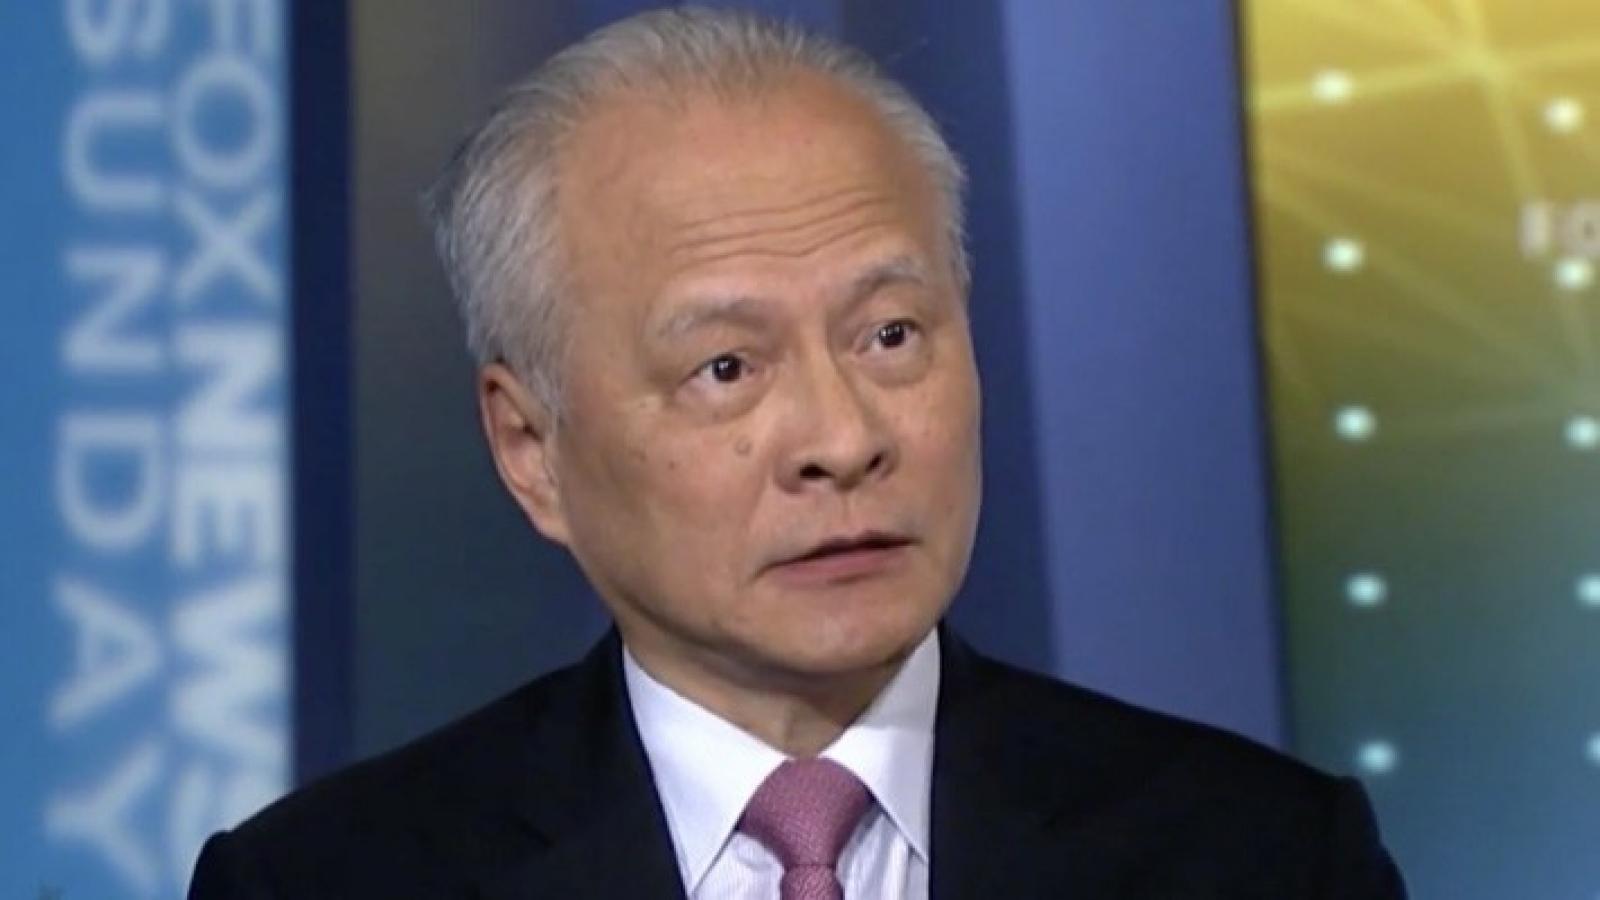 Đại sứ Trung Quốc kêu gọi Trung - Mỹ kiểm soát tốt bất đồng